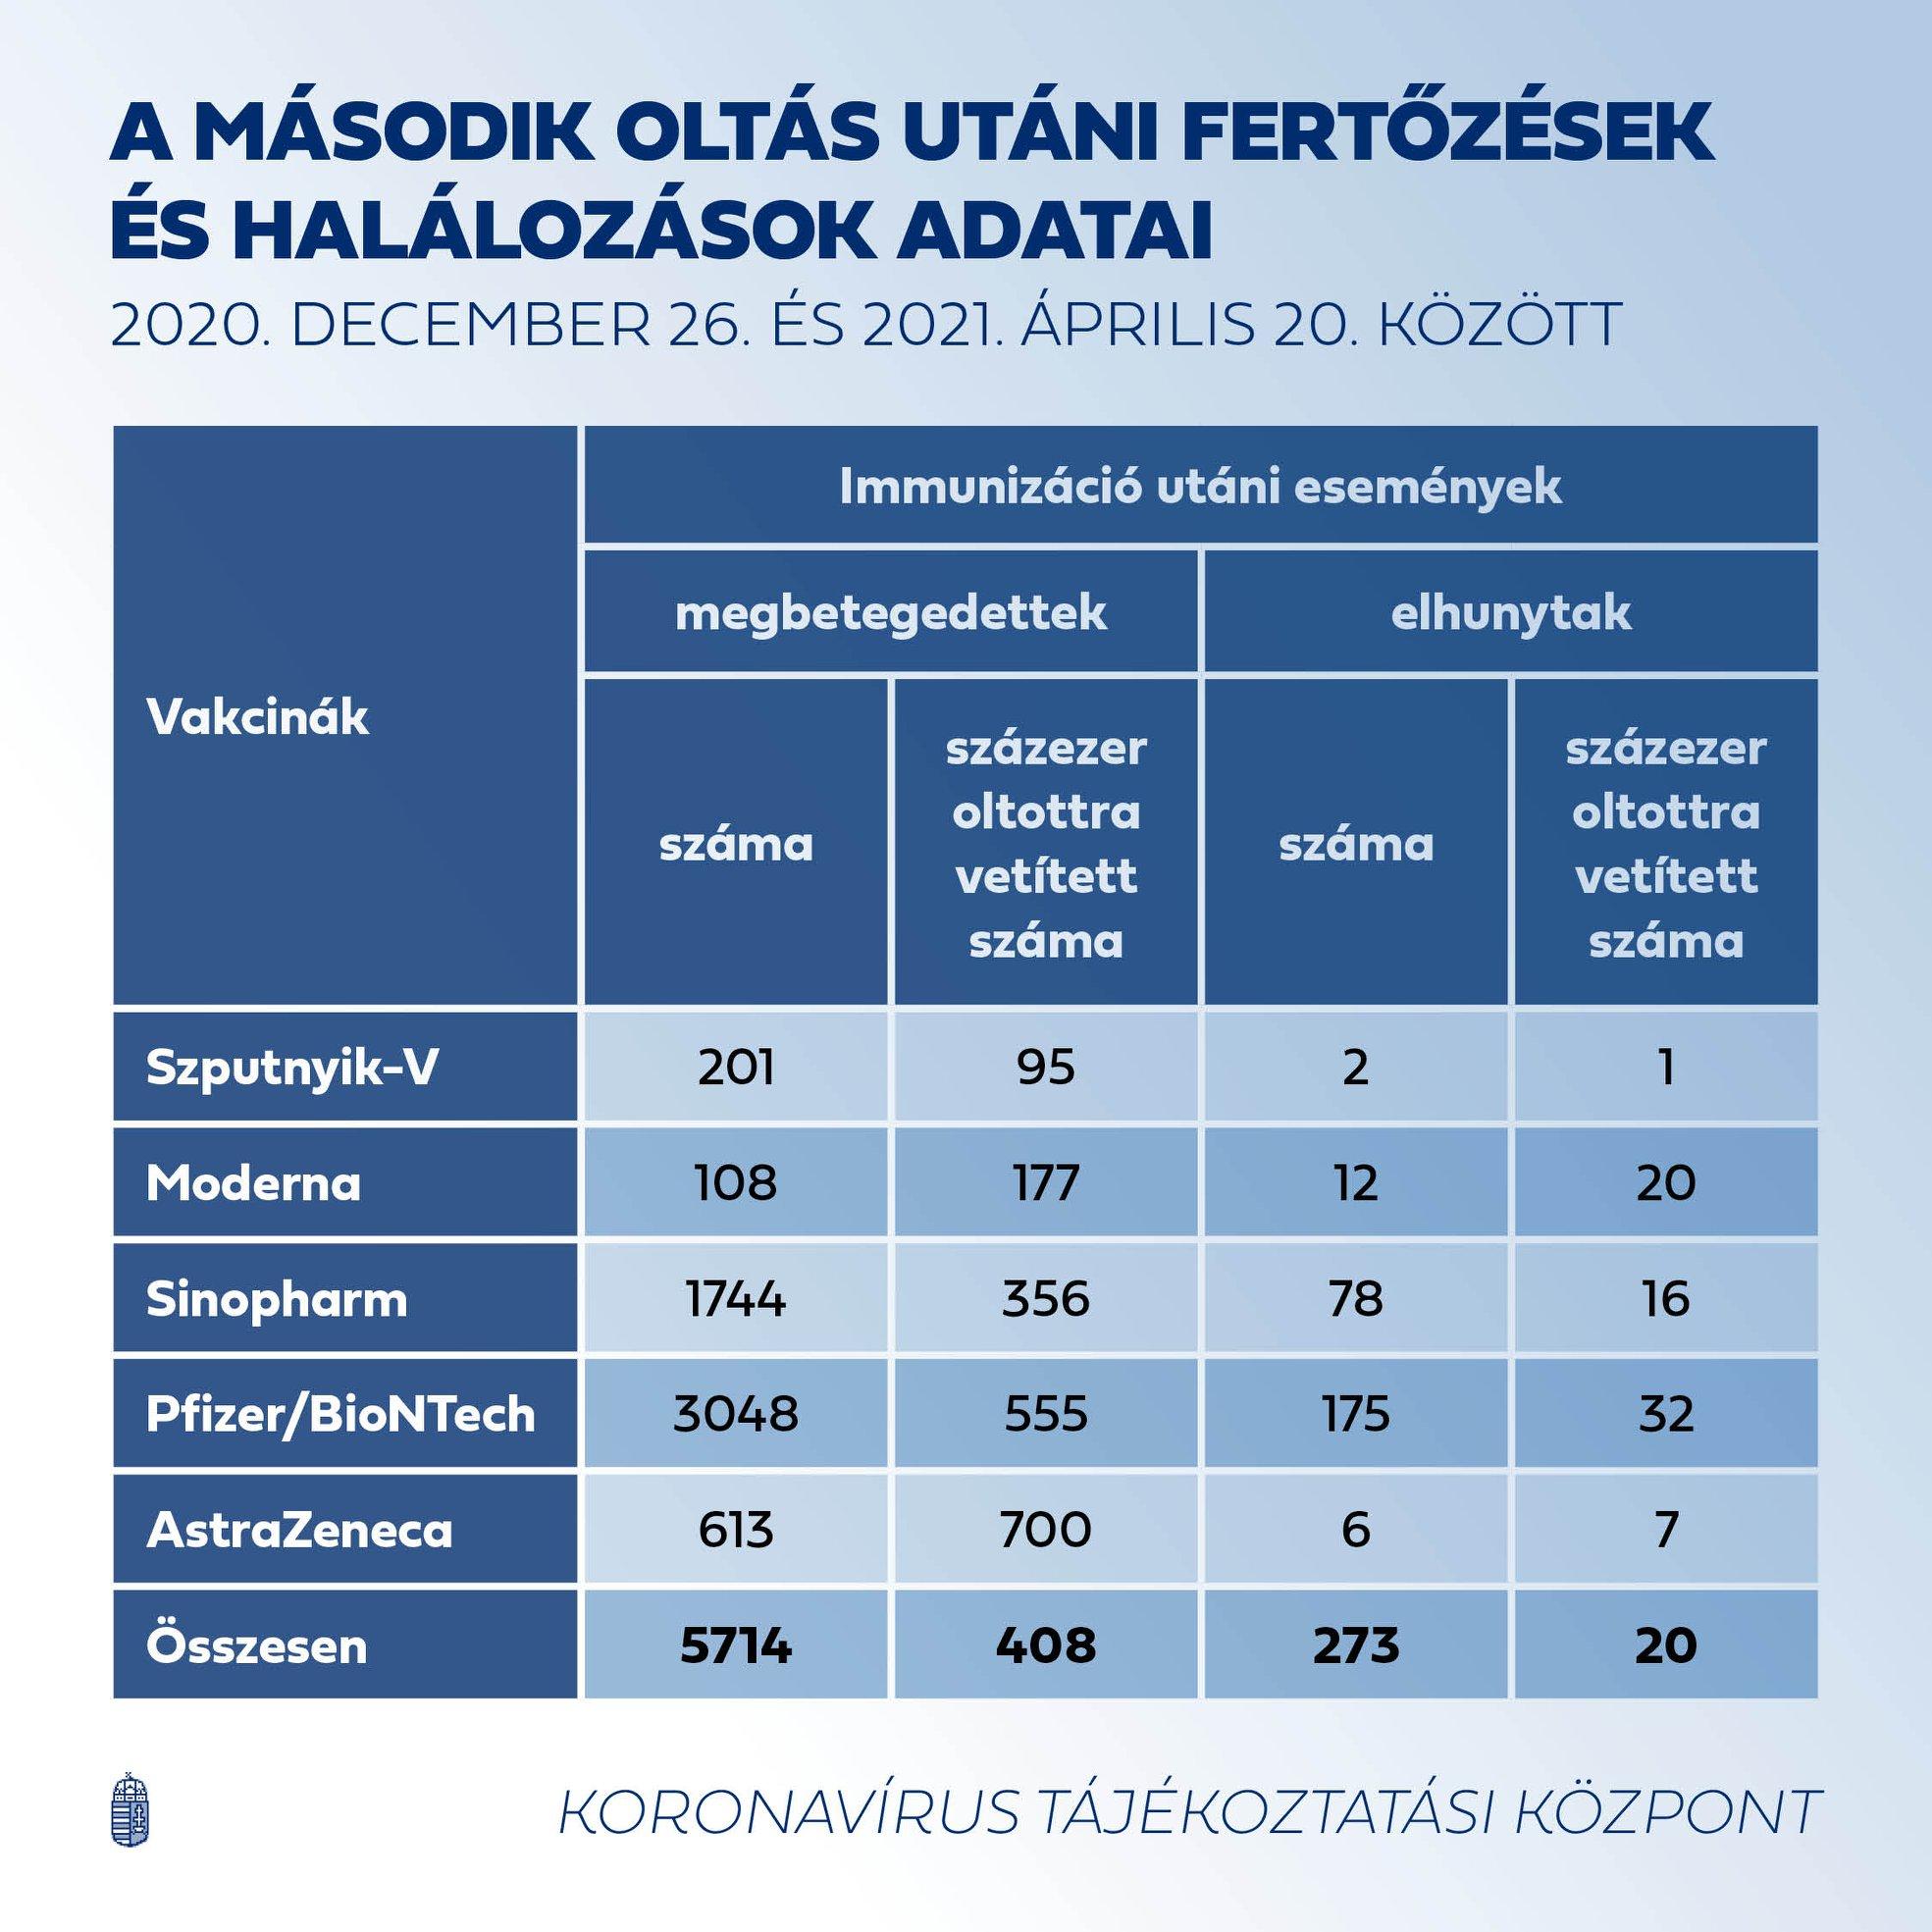 Szél Bernadett kíváncsi lett volna a részletes adatokra a kormány elhíresült vakcinahatékonysági táblázatáról, de nem kapta meg azokat